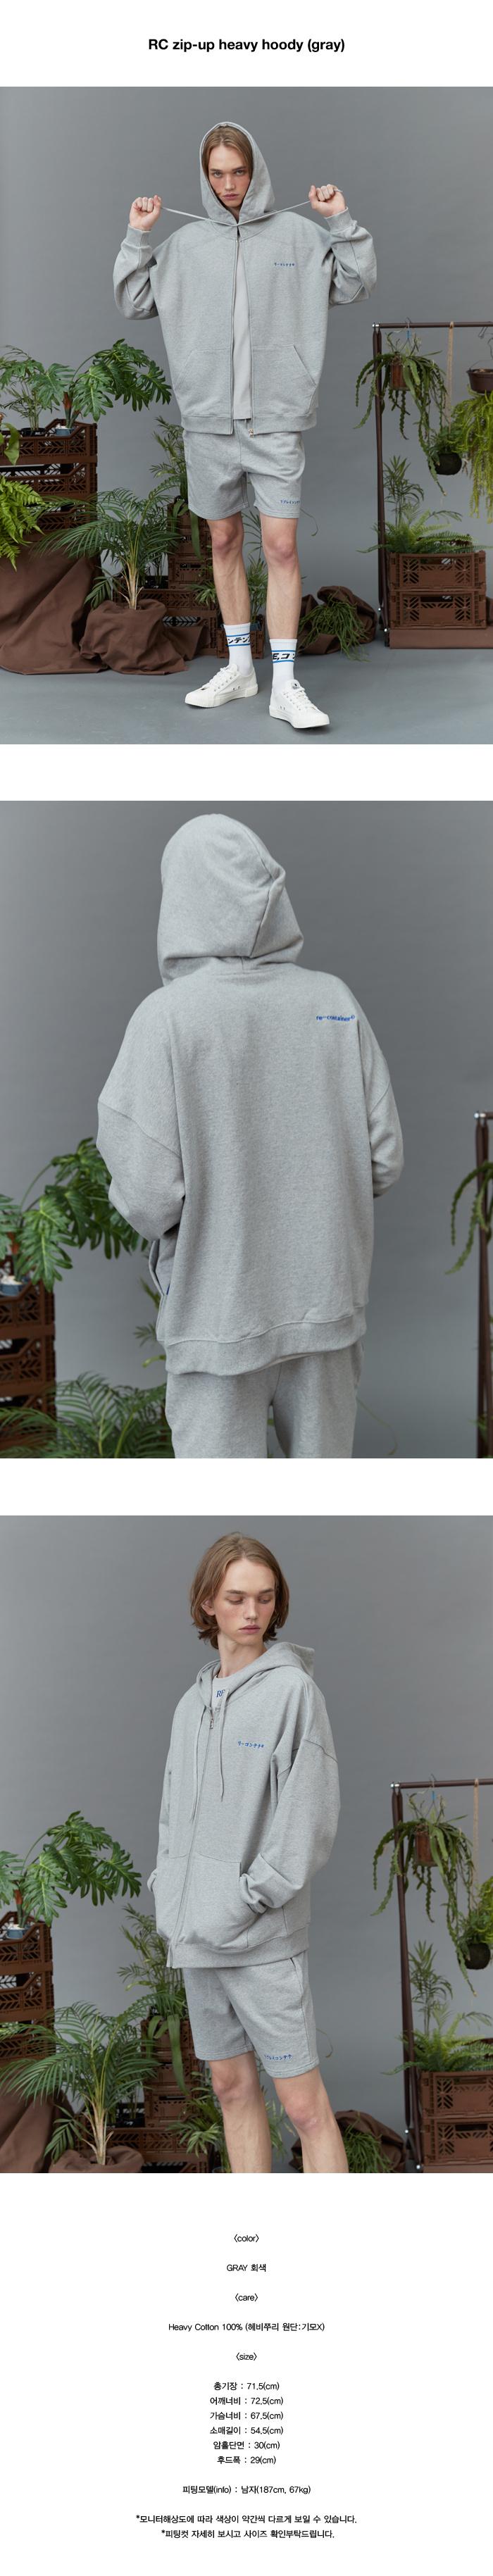 리플레이컨테이너(REPLAY CONTAINER) RC zip-up heavy hoody (gray)